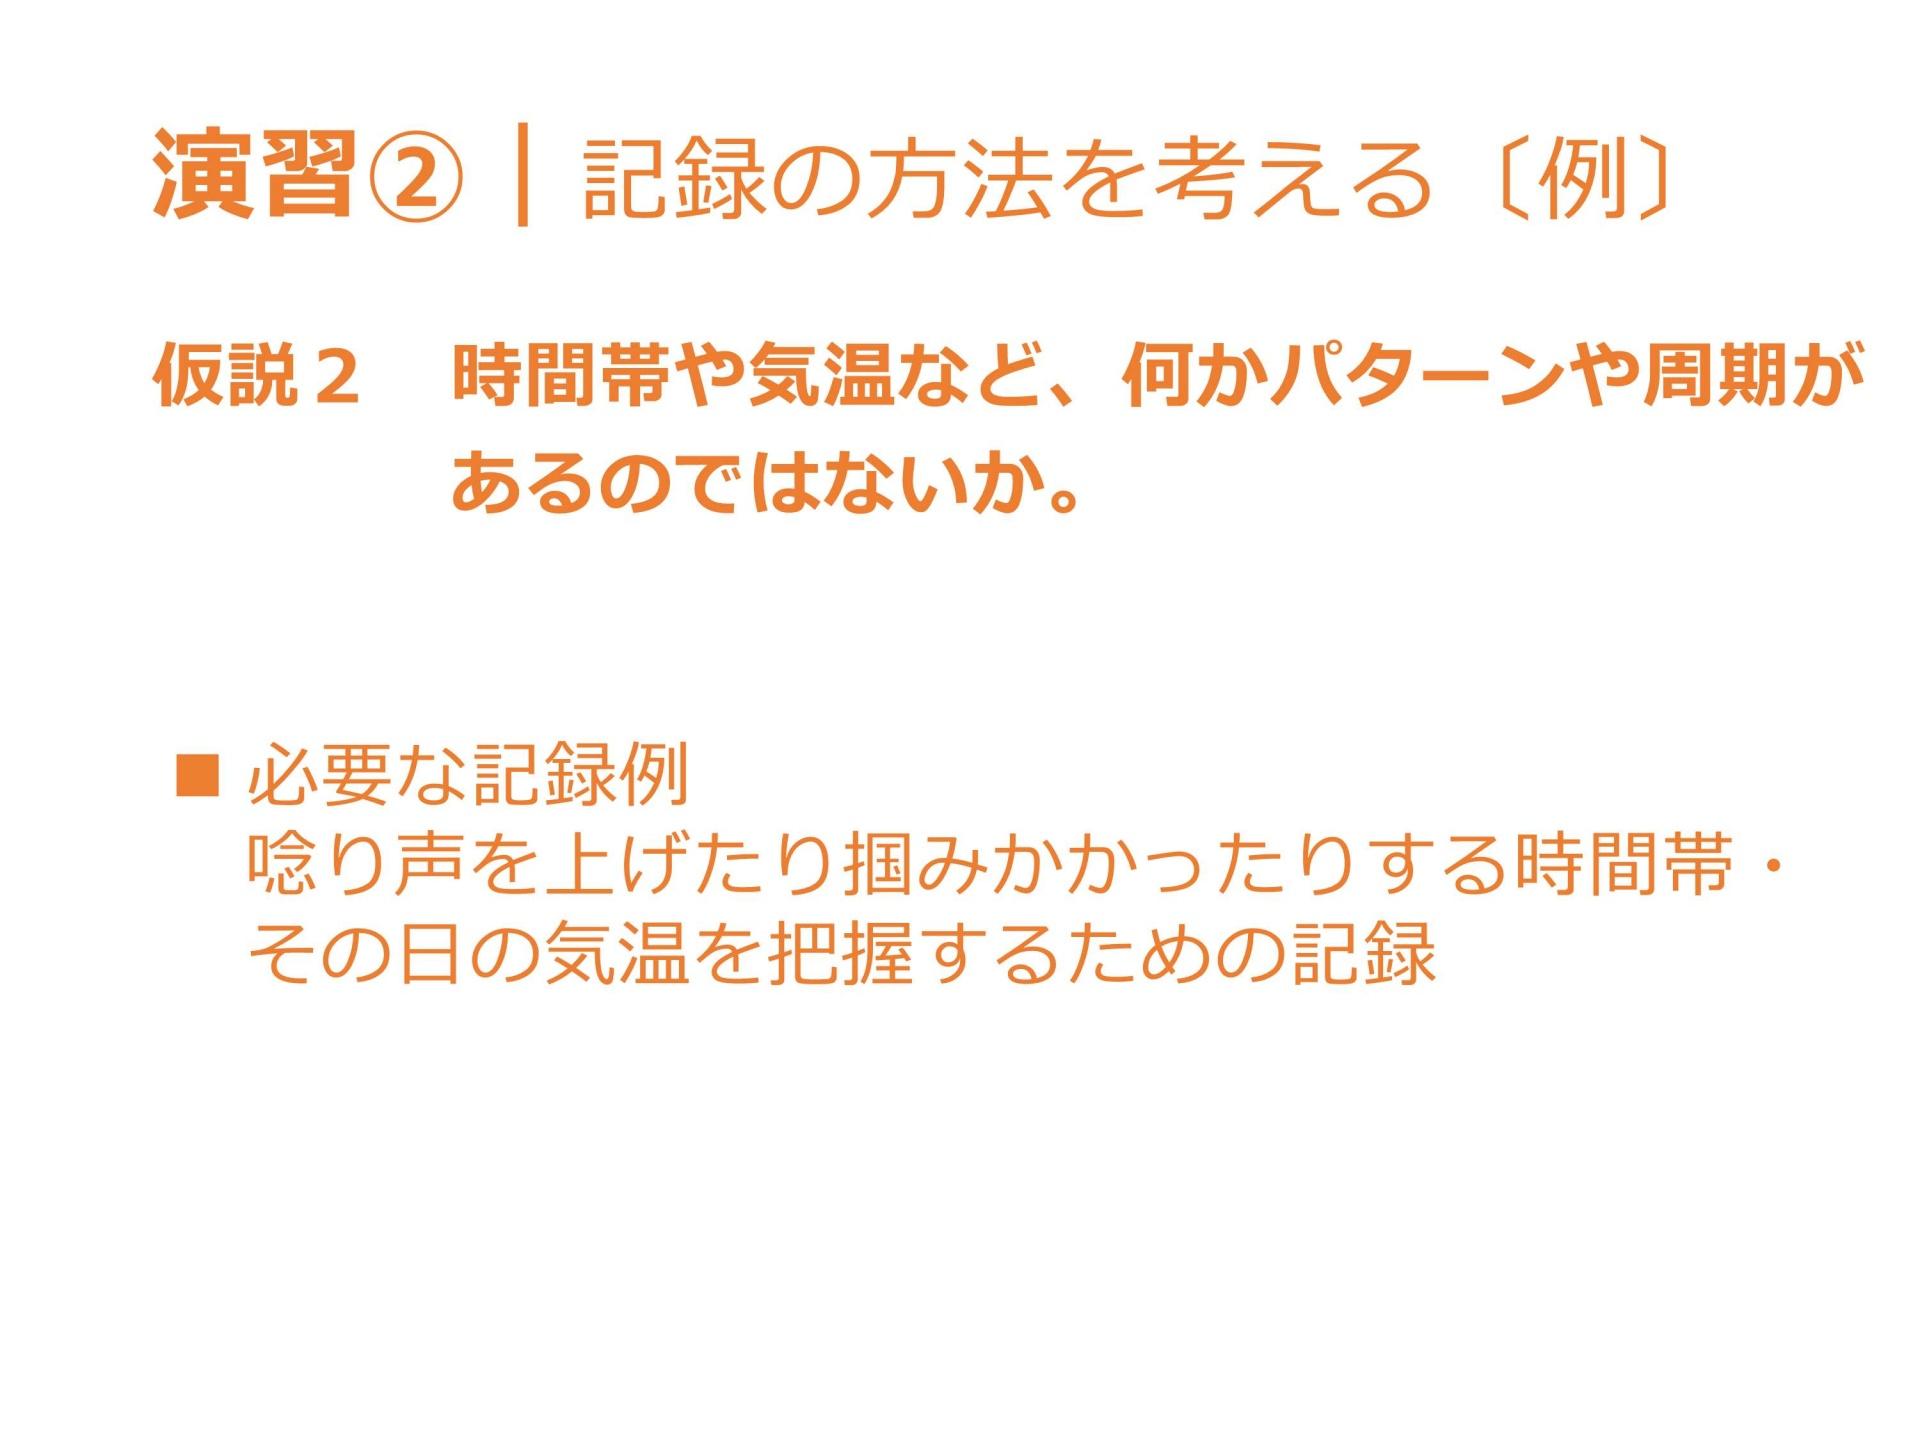 07-1記録に基づく支援の評価(表示用)・宮原/小野澤_4